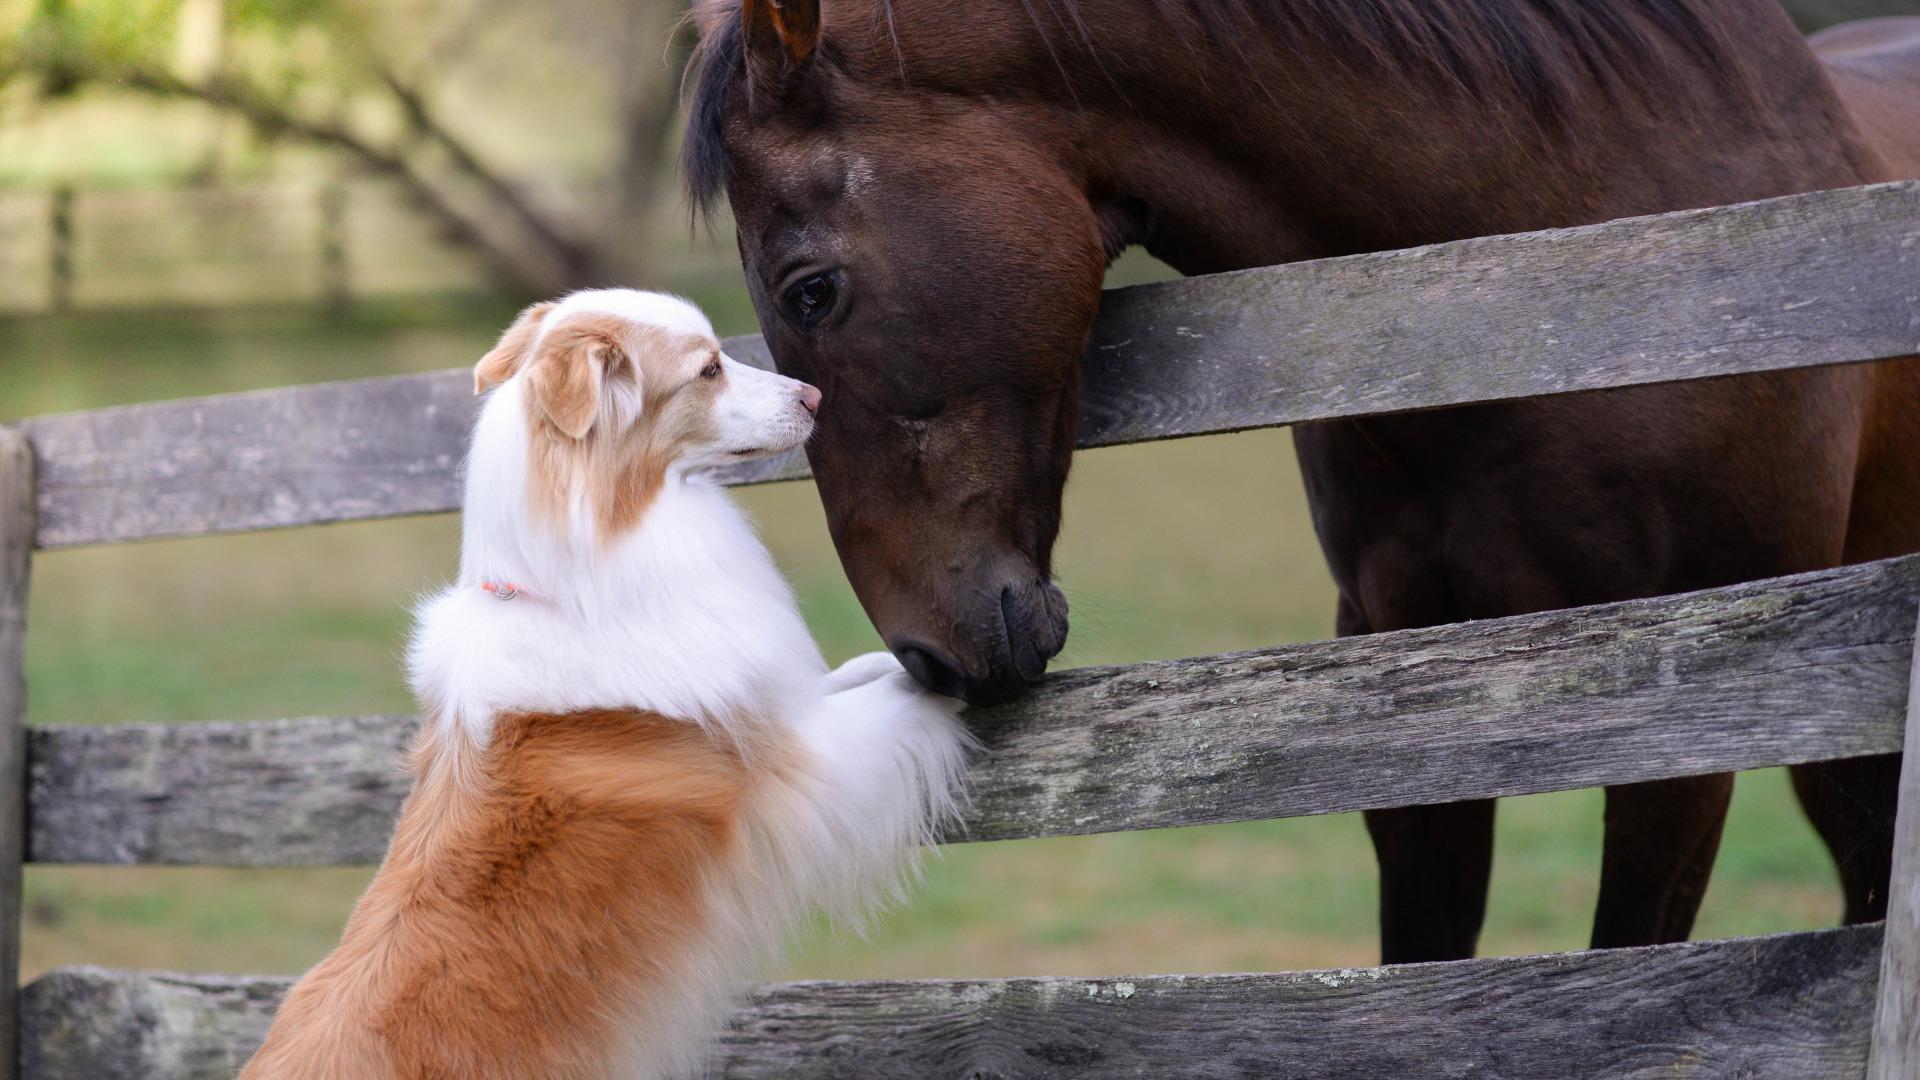 Wist jij dat paarden en honden elkaar begrijpen?